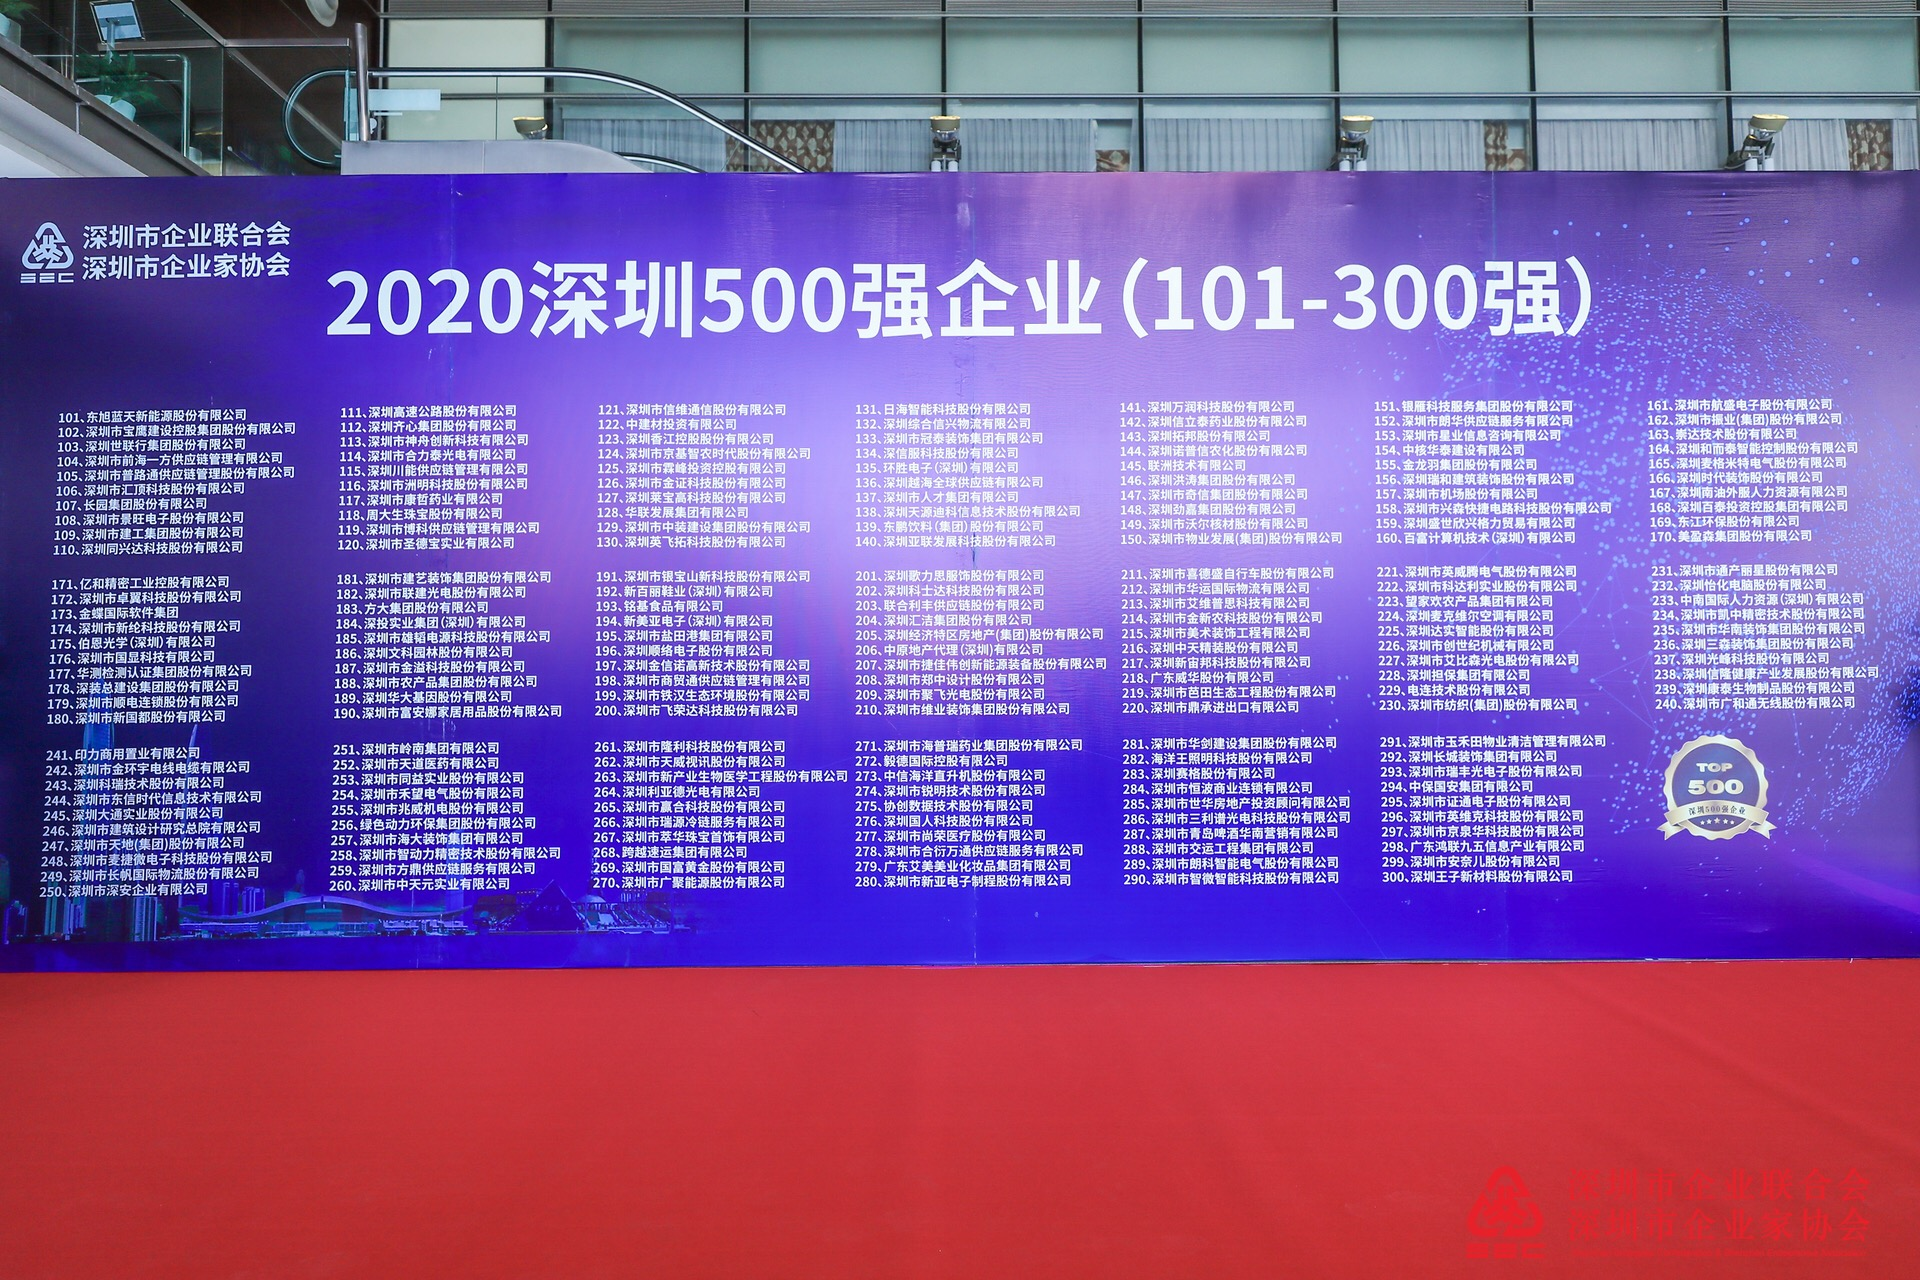 奋进|联合利丰再获评深圳500强企业